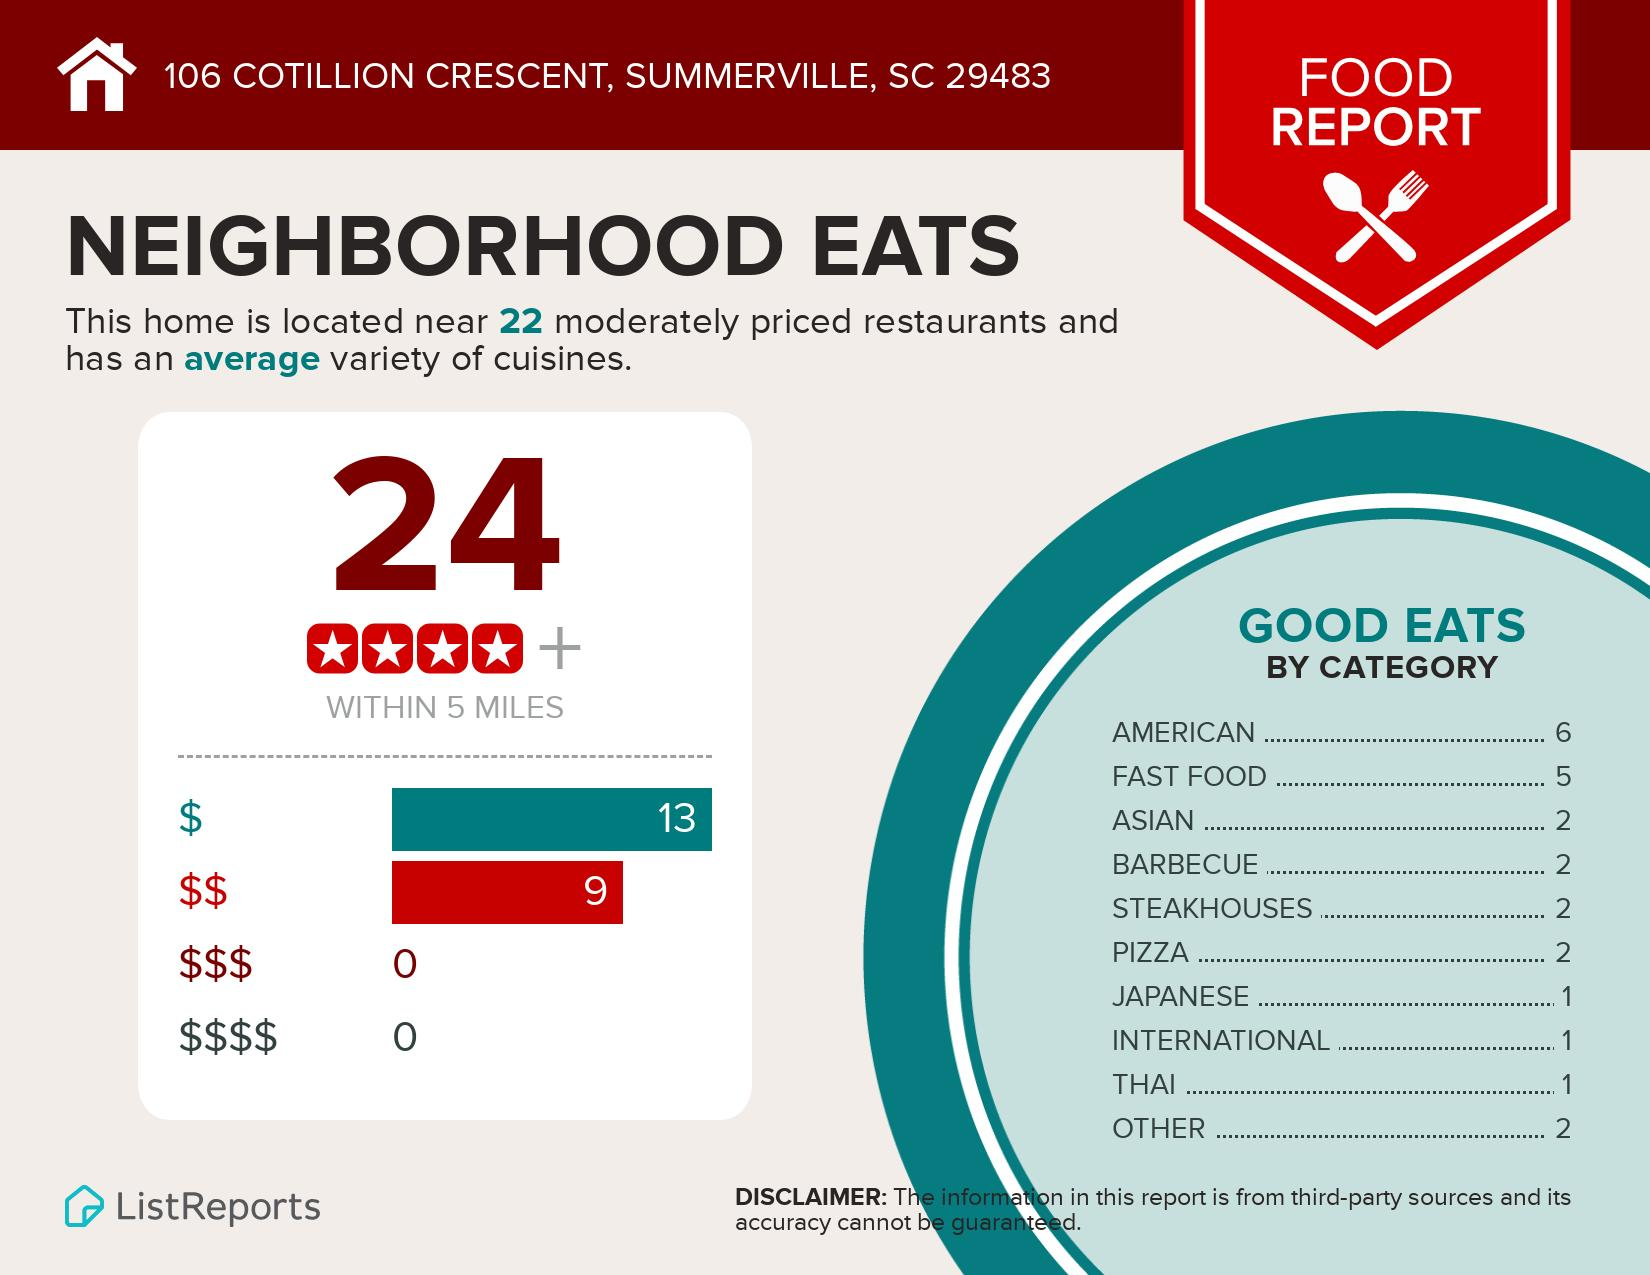 106 Cotillion Crescent Summerville, SC 29483